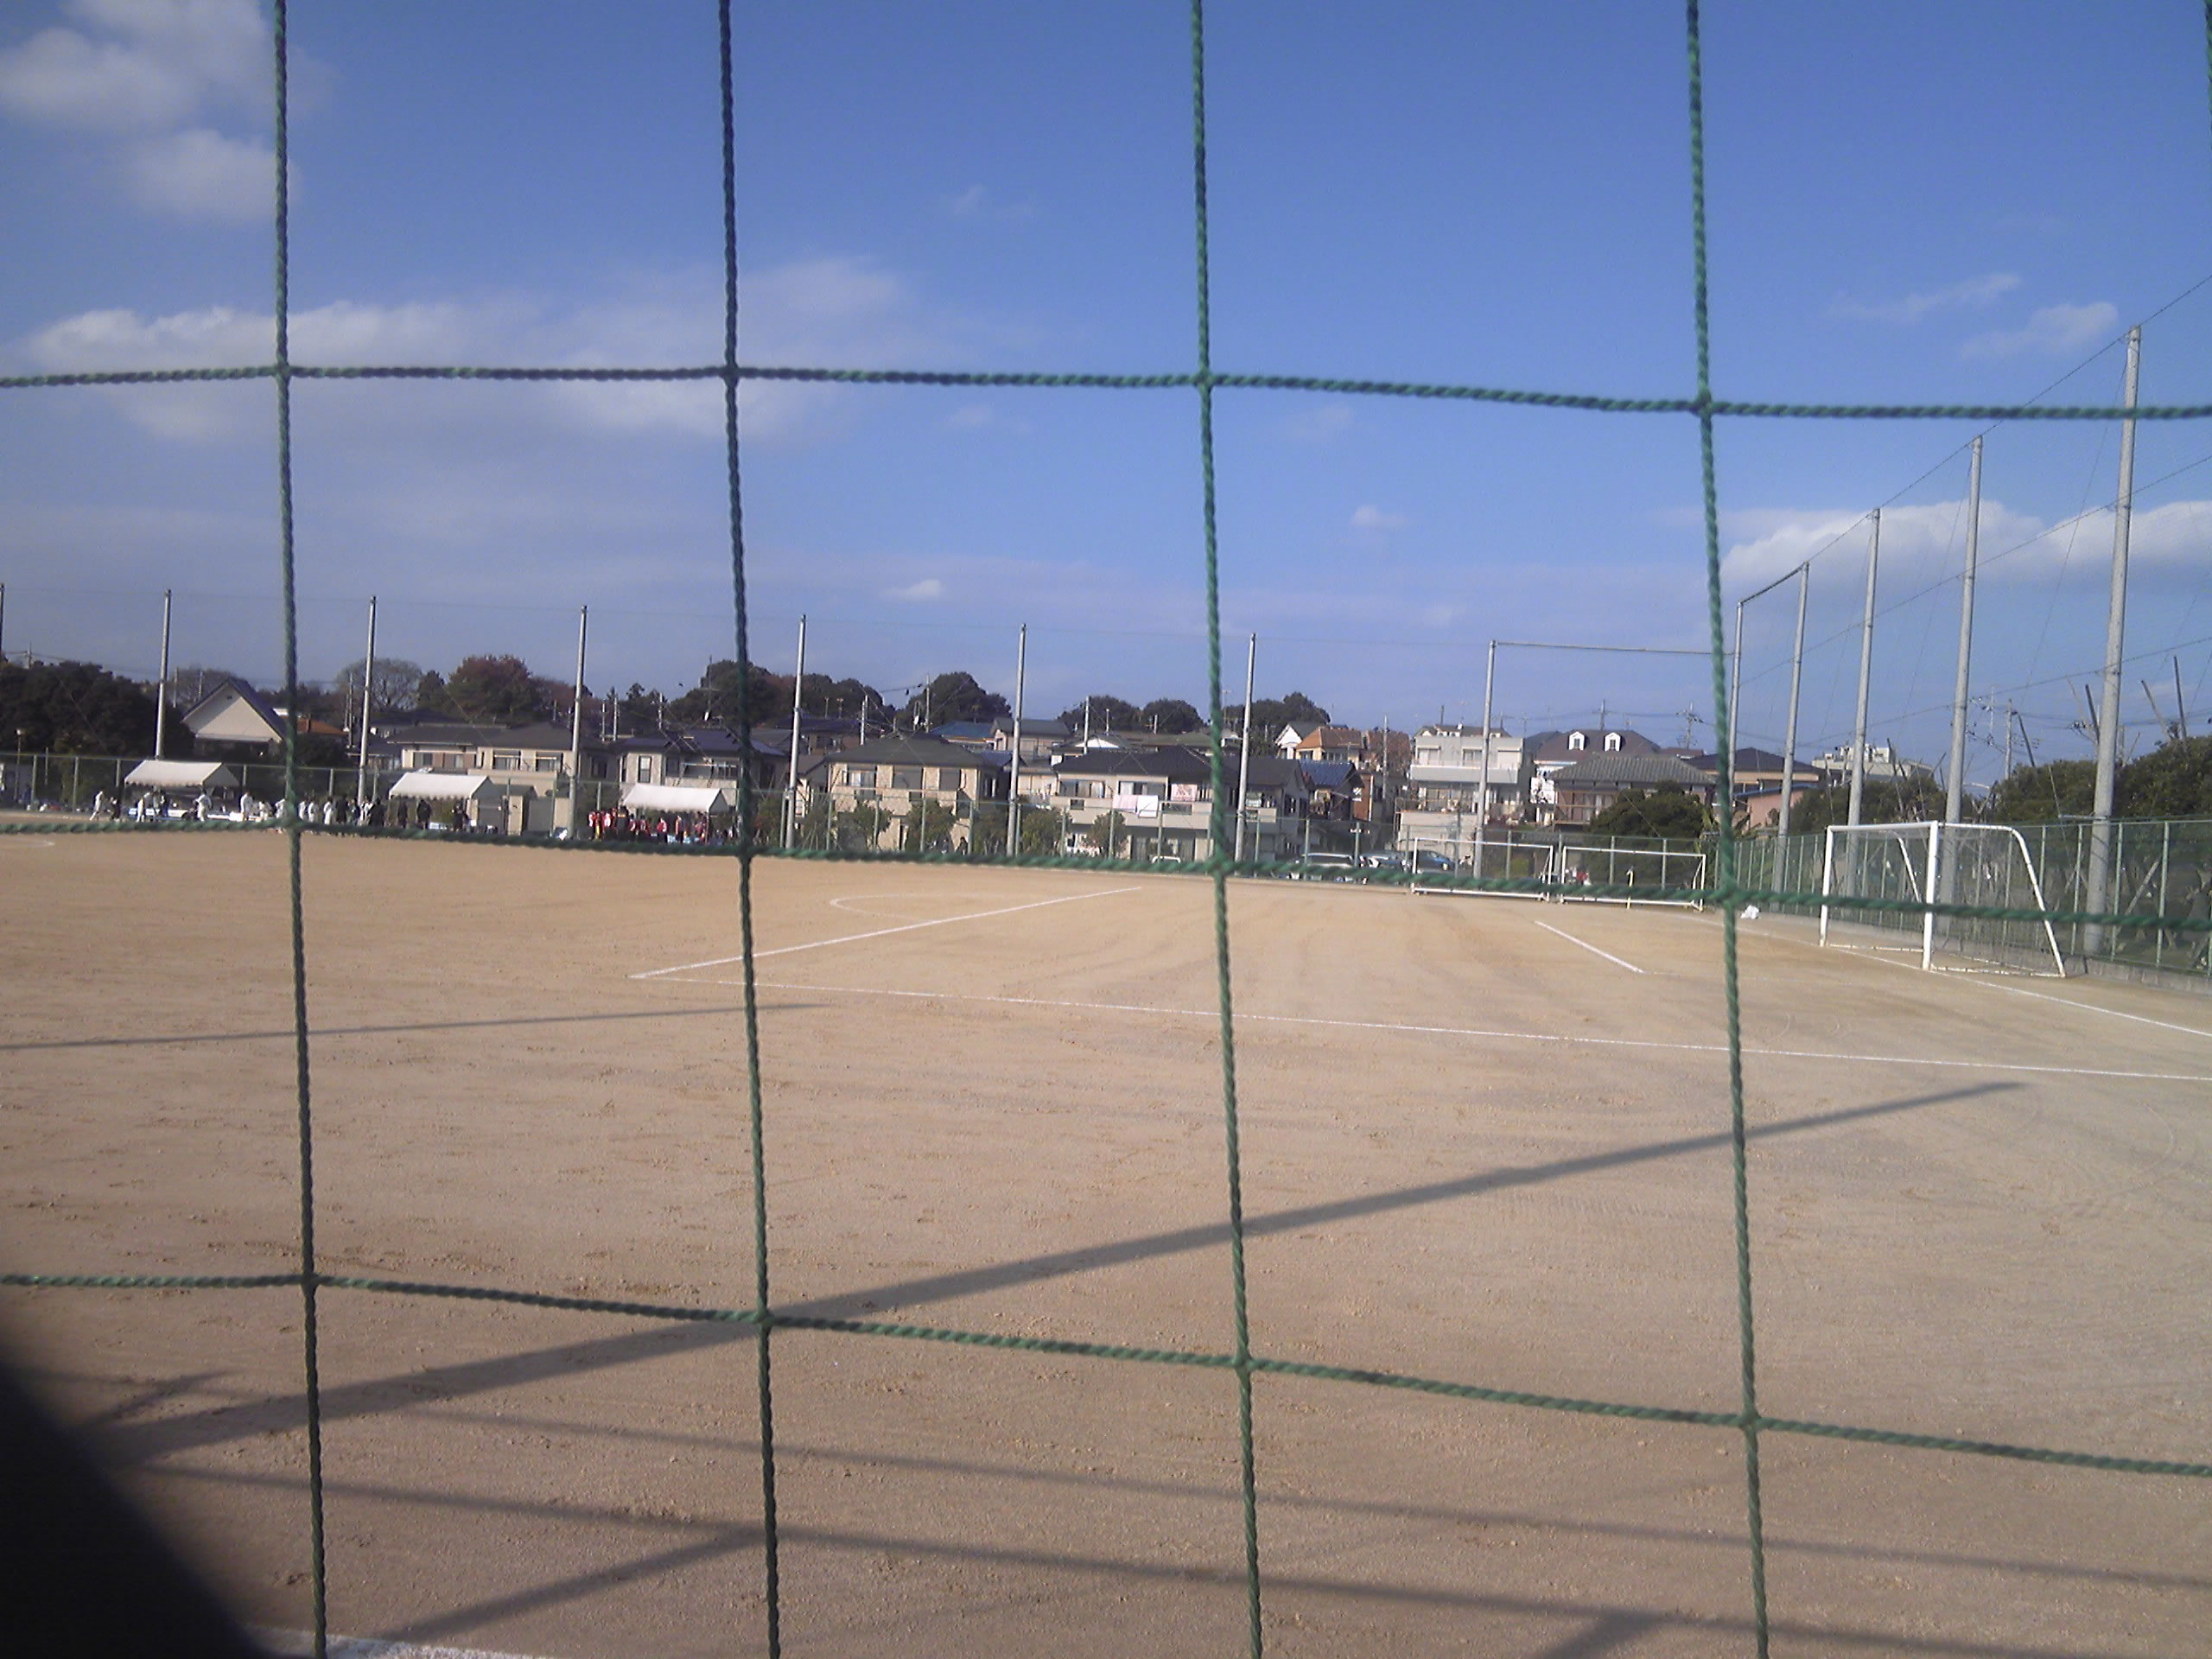 浦和三浦グラウンド(三浦運動公園)2010年11月27日